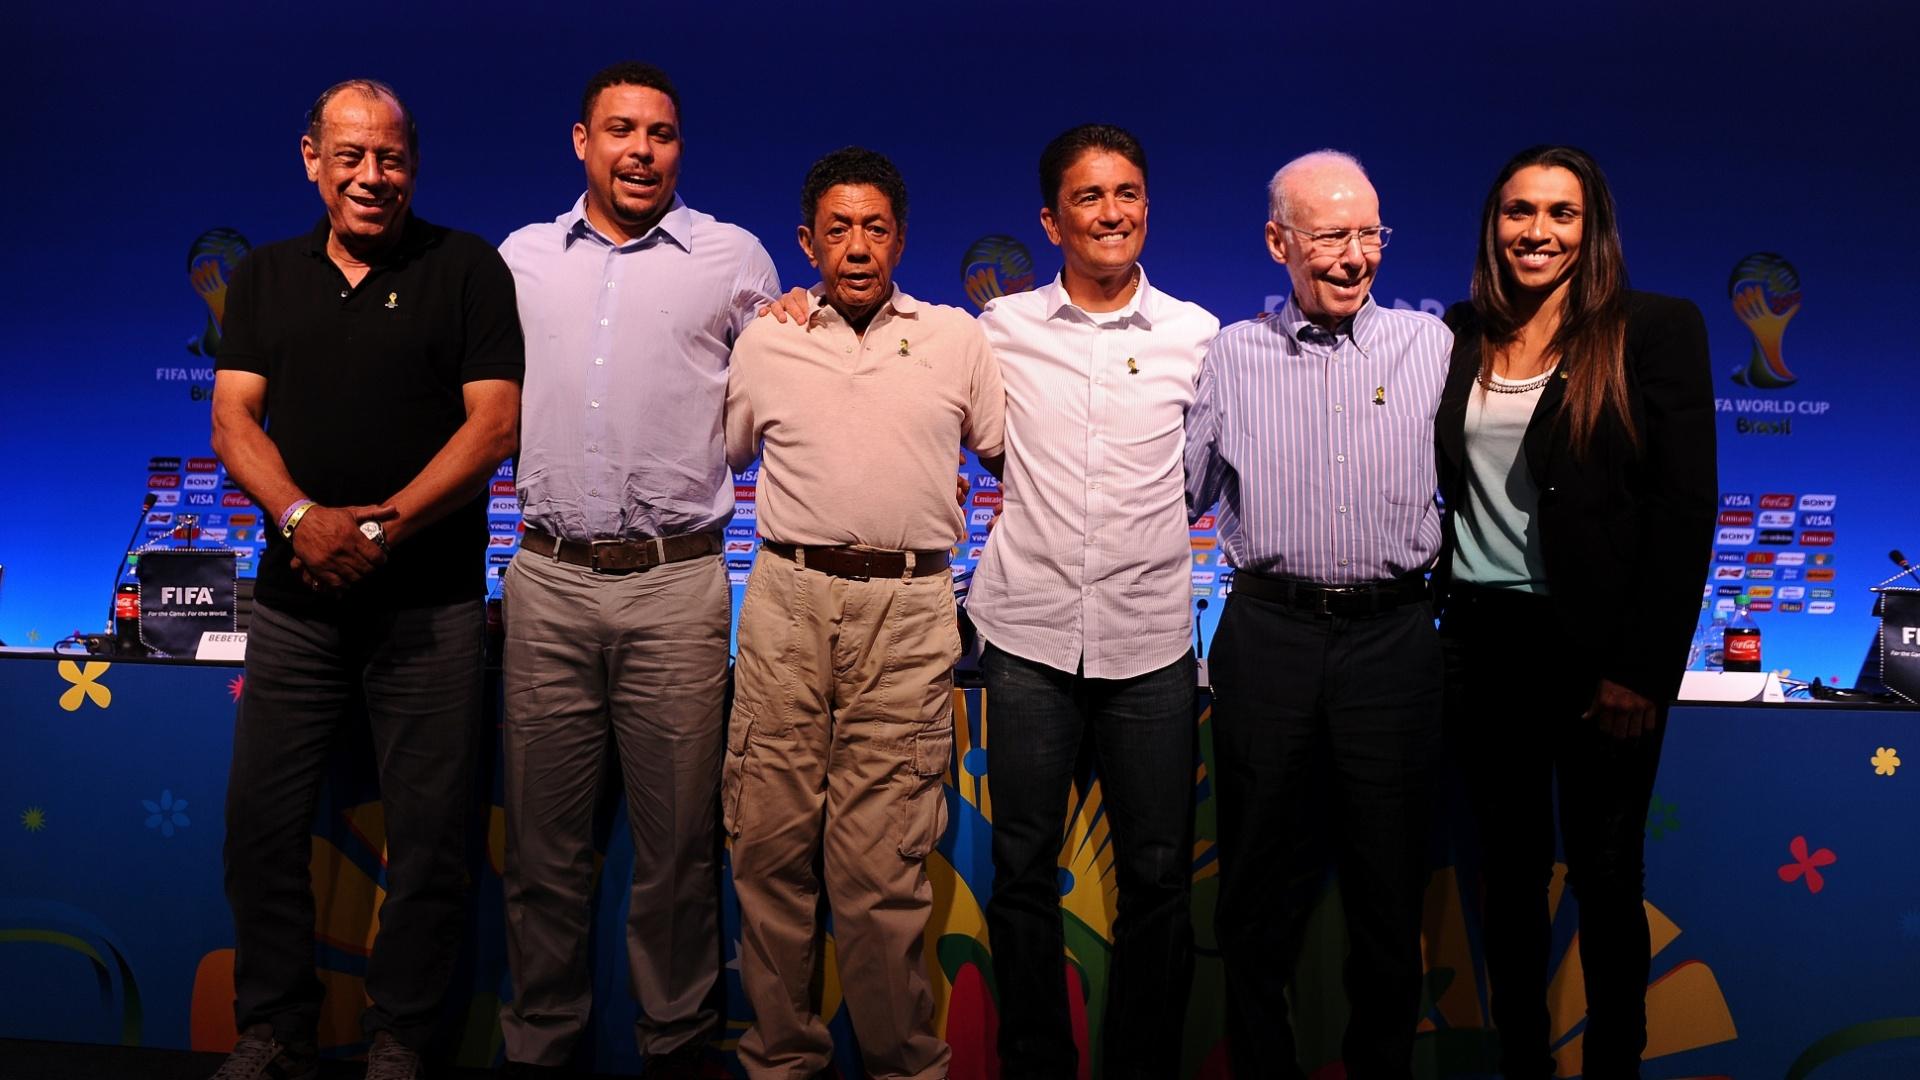 05.nov.2013 - Carlos Alberto Torres, Ronaldo, Amarildo, Bebeto, Zagallo e Marta em evento da Fifa na Costa do Sauipe